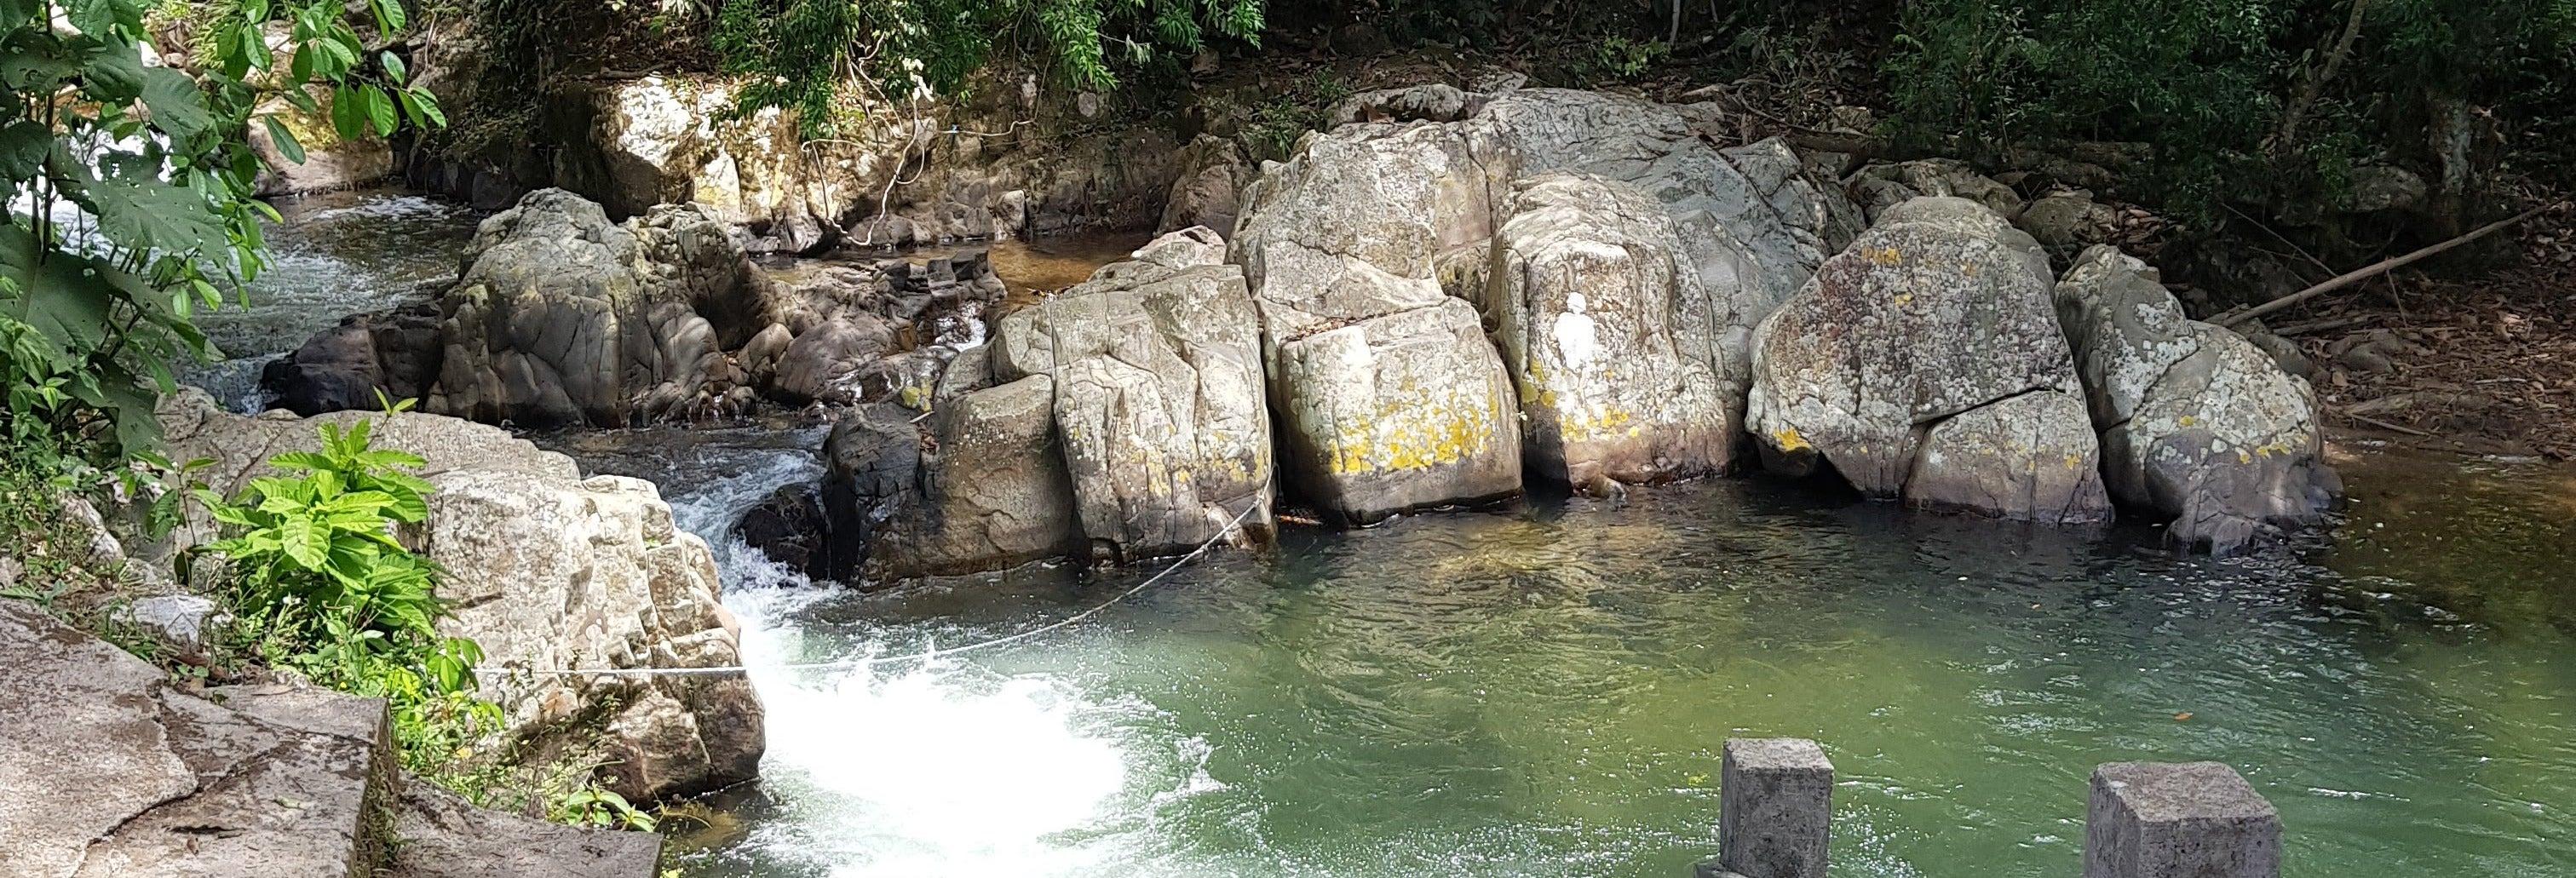 Excursión privada al balneario Villa del Río y senderismo por el río Sucio